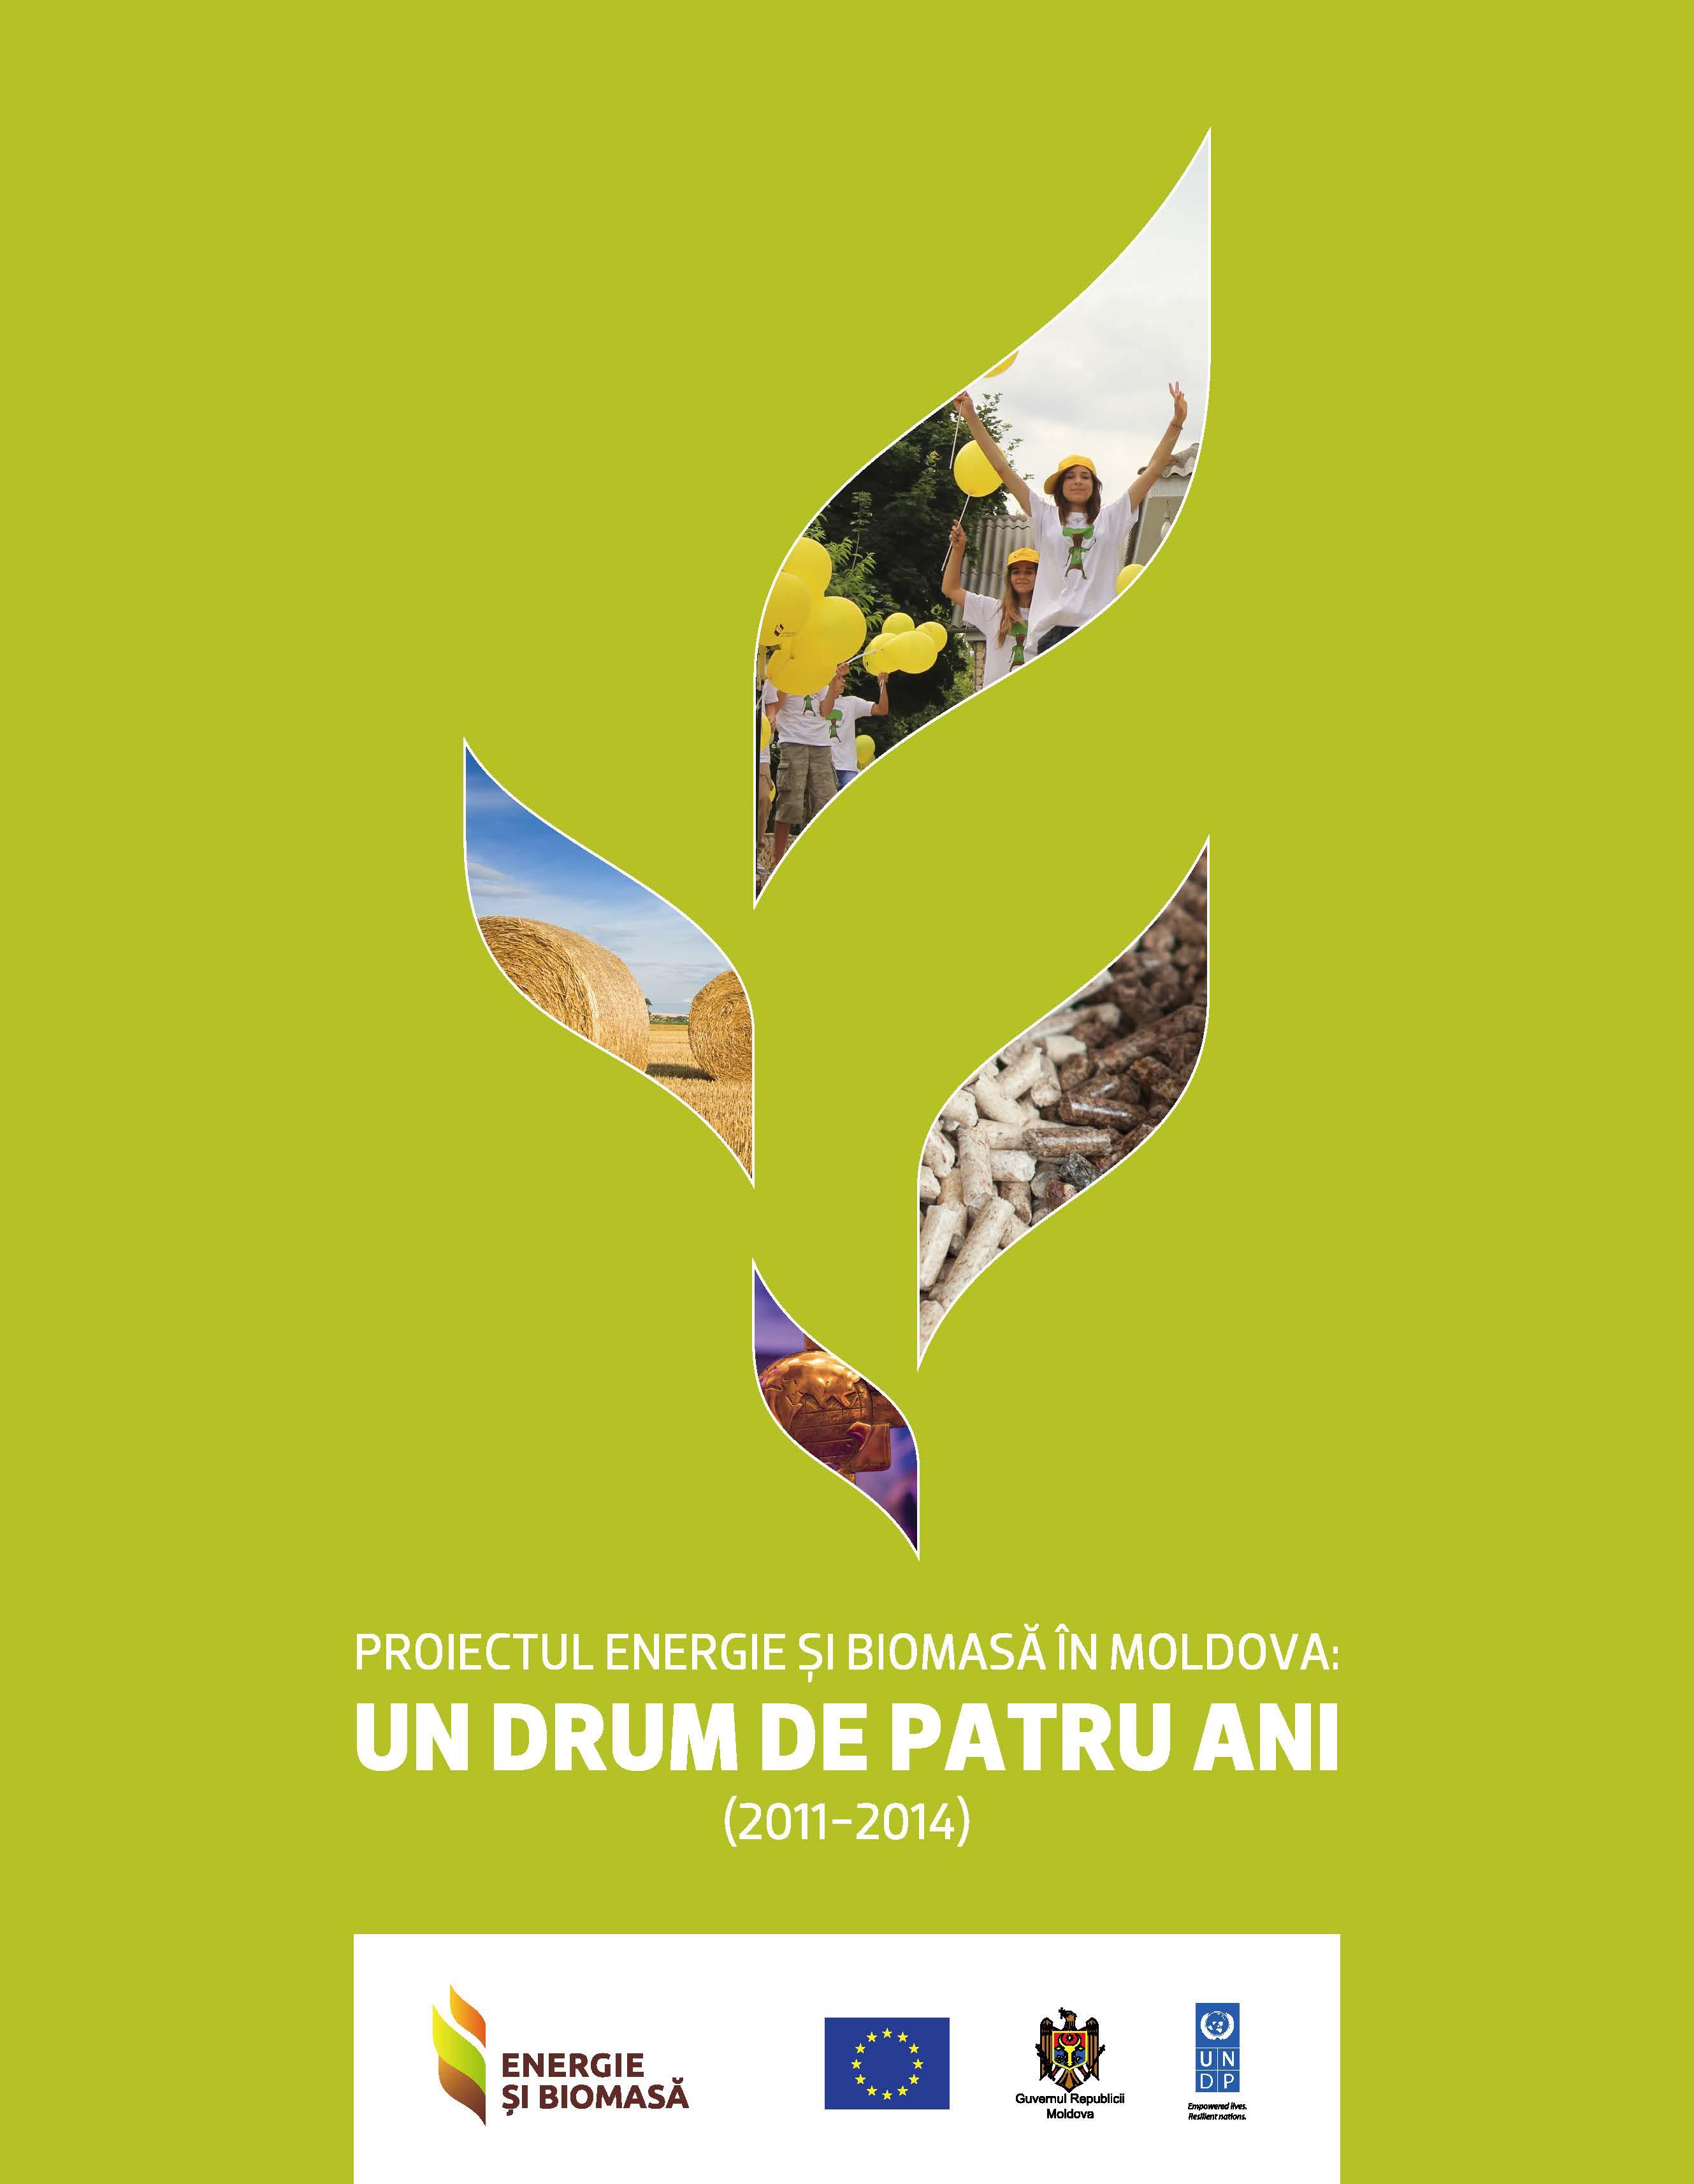 Raport Final al Proiectului Energie și Biomasă în Moldova, 2011-2014